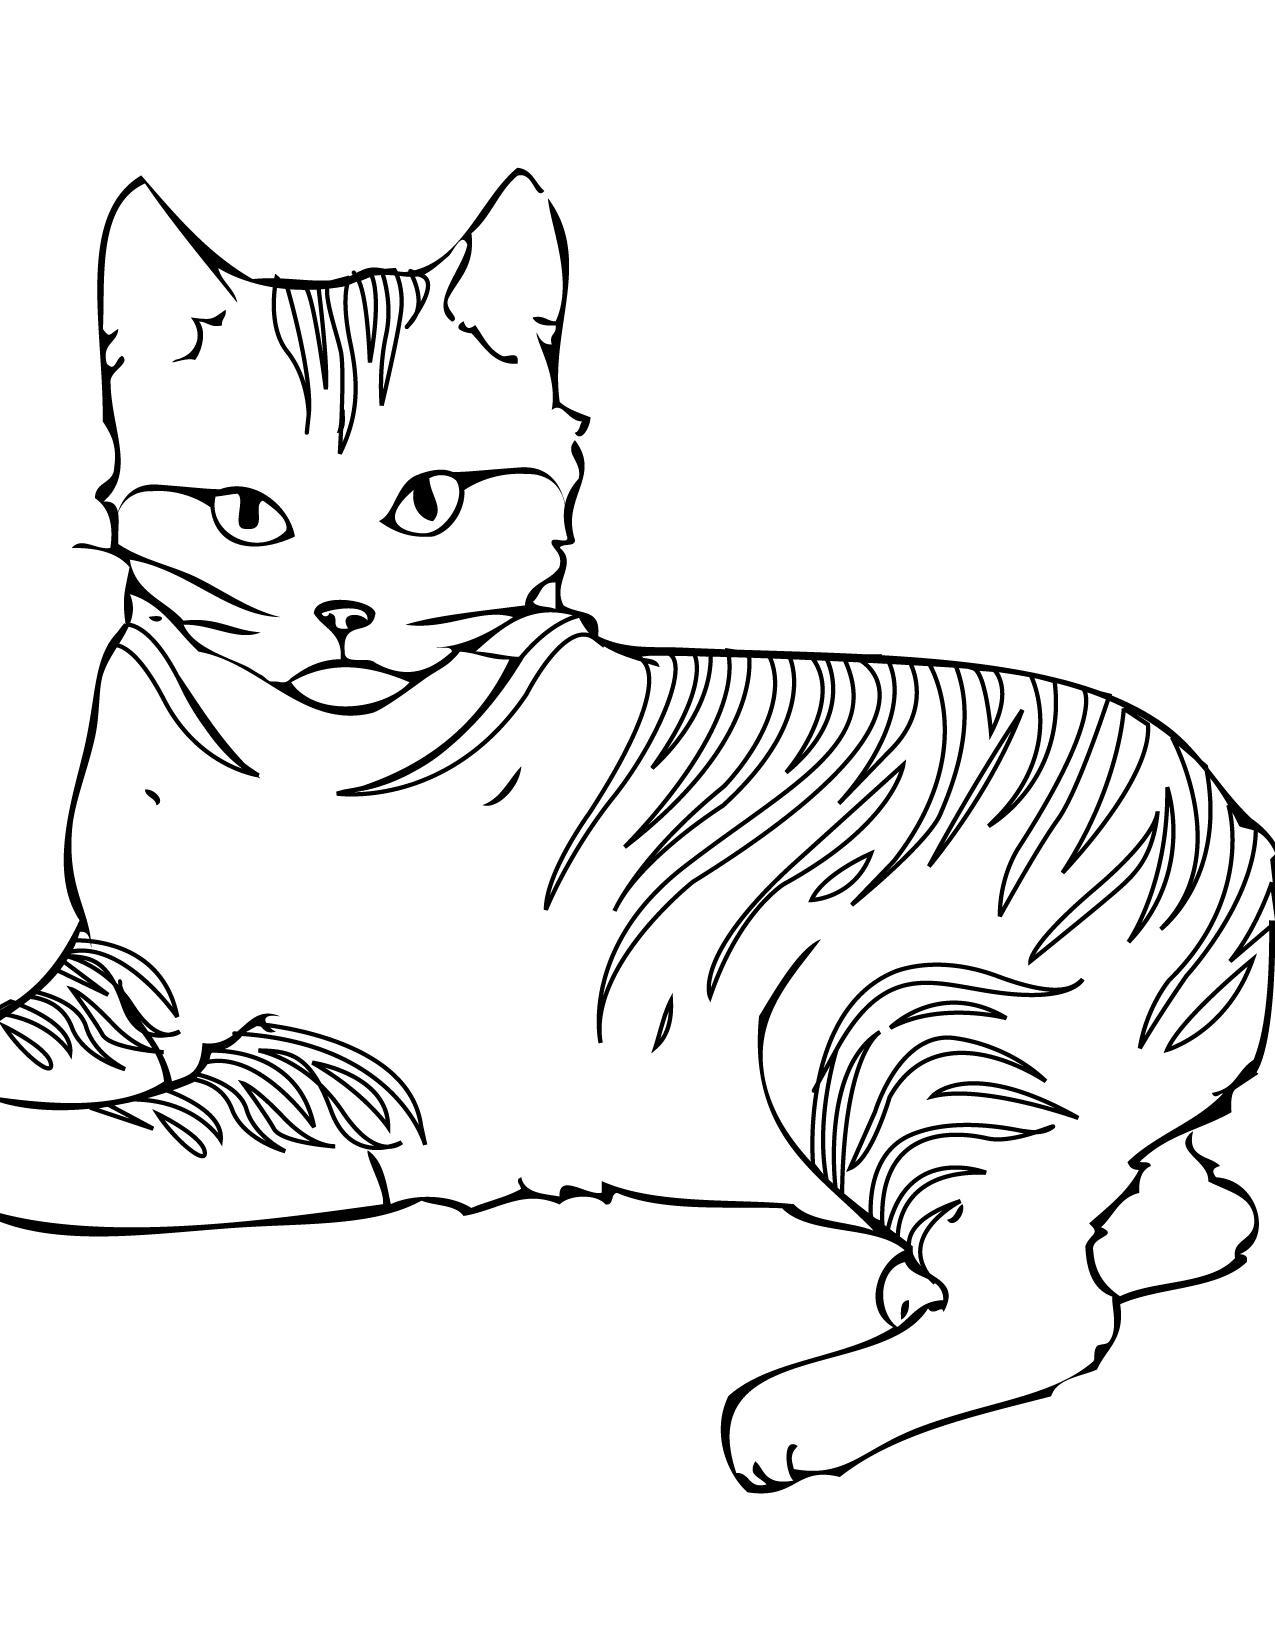 Coloriage En Ligne De Chats - 1001 Animaux avec Coloriage De Chat En Ligne